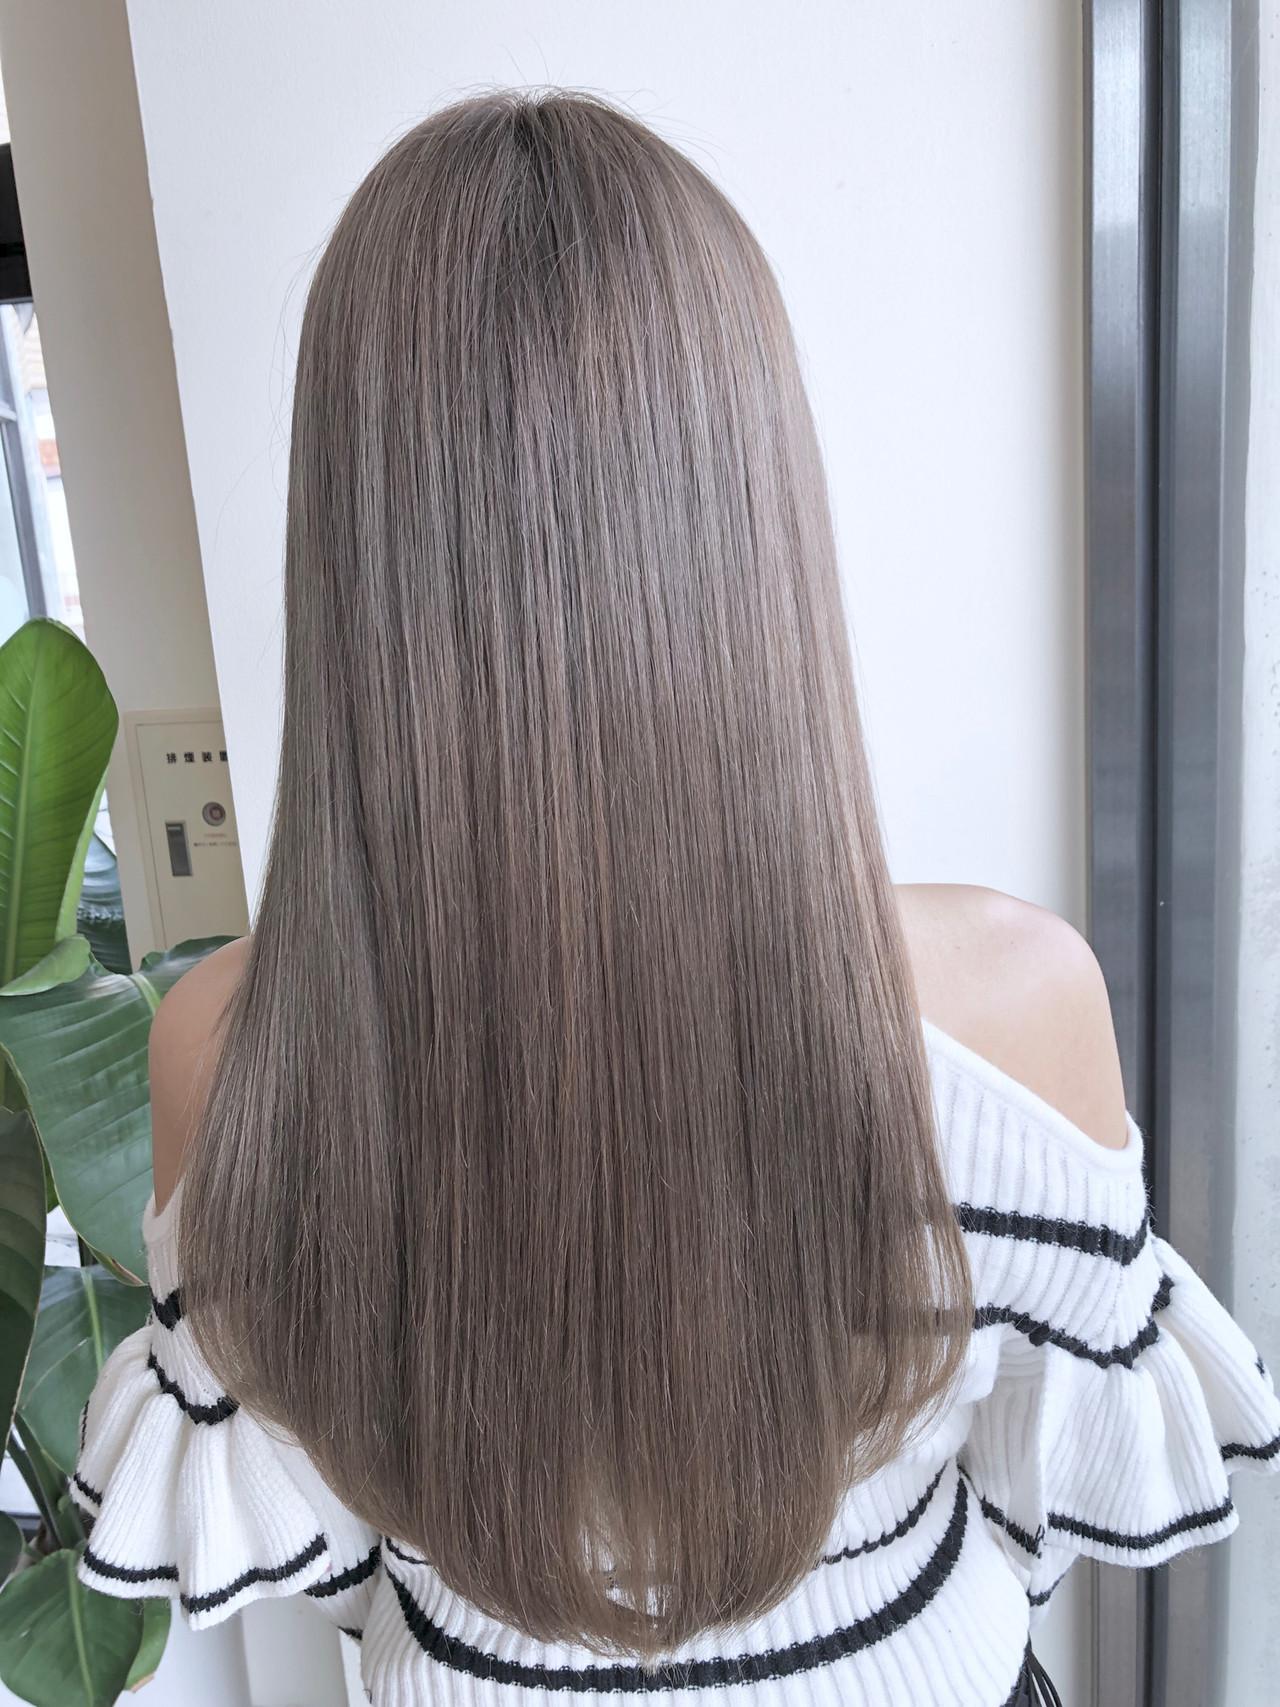 ヘアカラー ミルクティーベージュ ヘアアレンジ ブリーチ ヘアスタイルや髪型の写真・画像